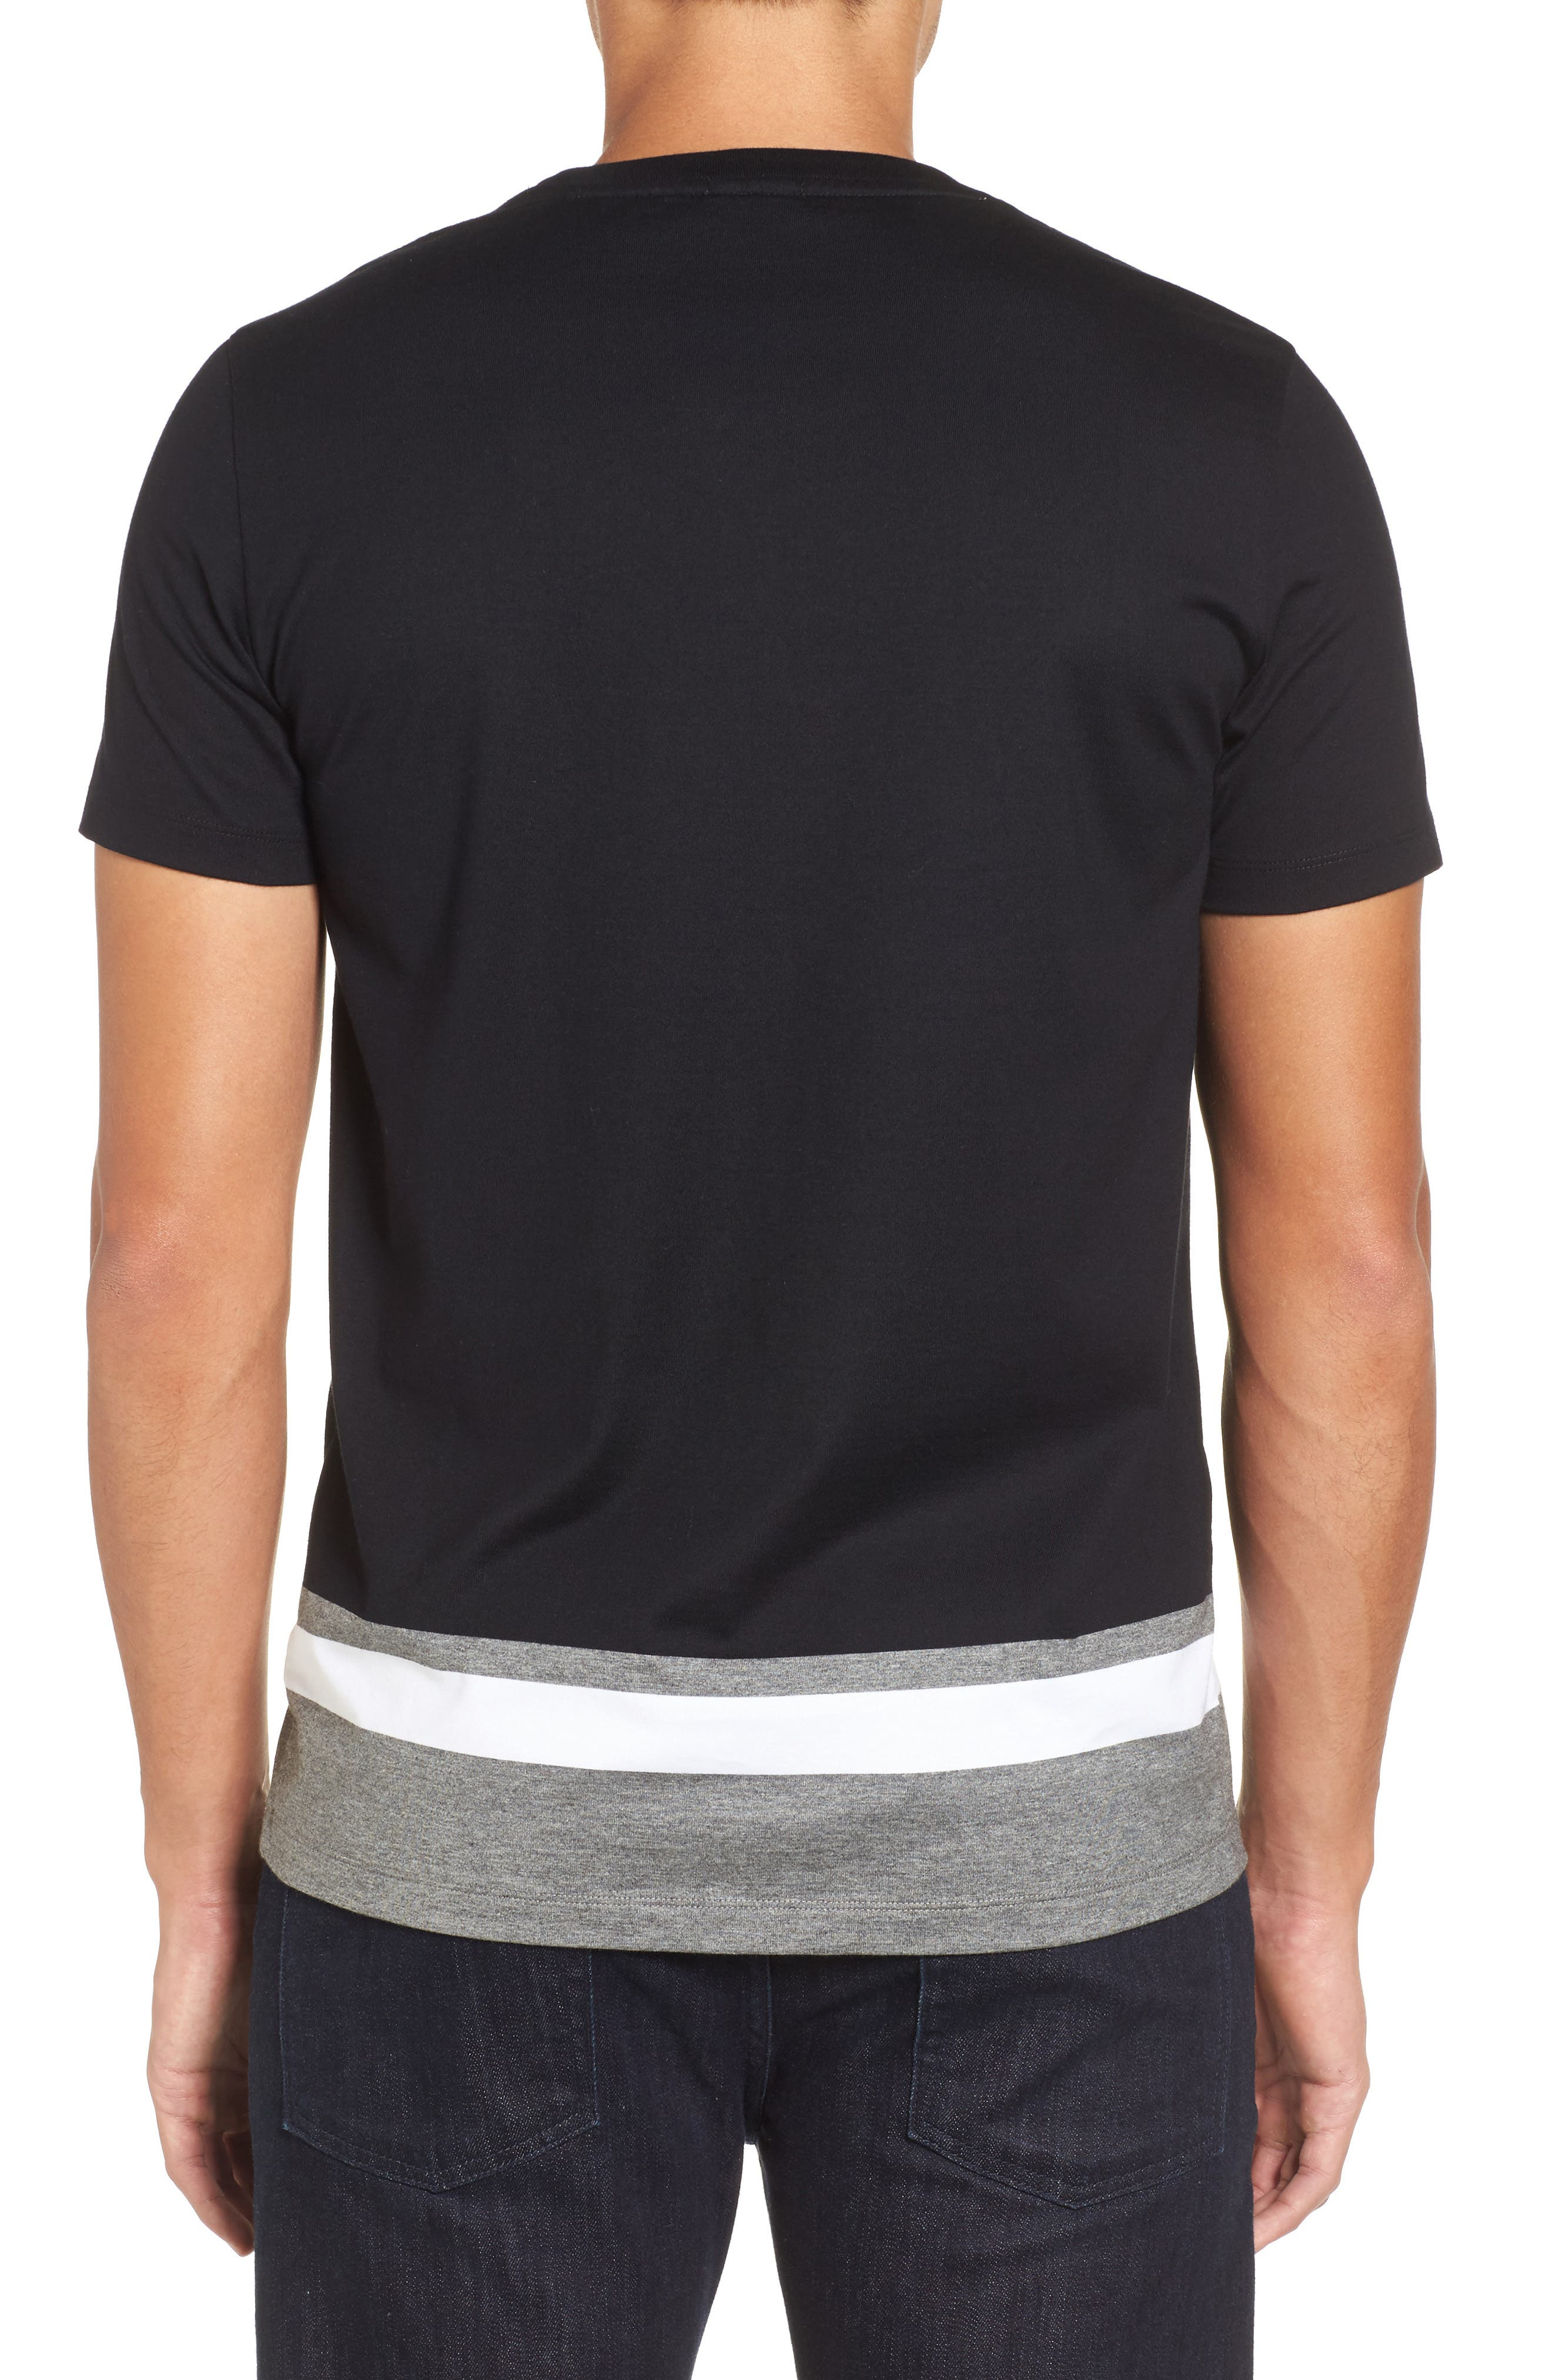 Tiburt Colorblock T-Shirt,                             Alternate thumbnail 2, color,                             Black